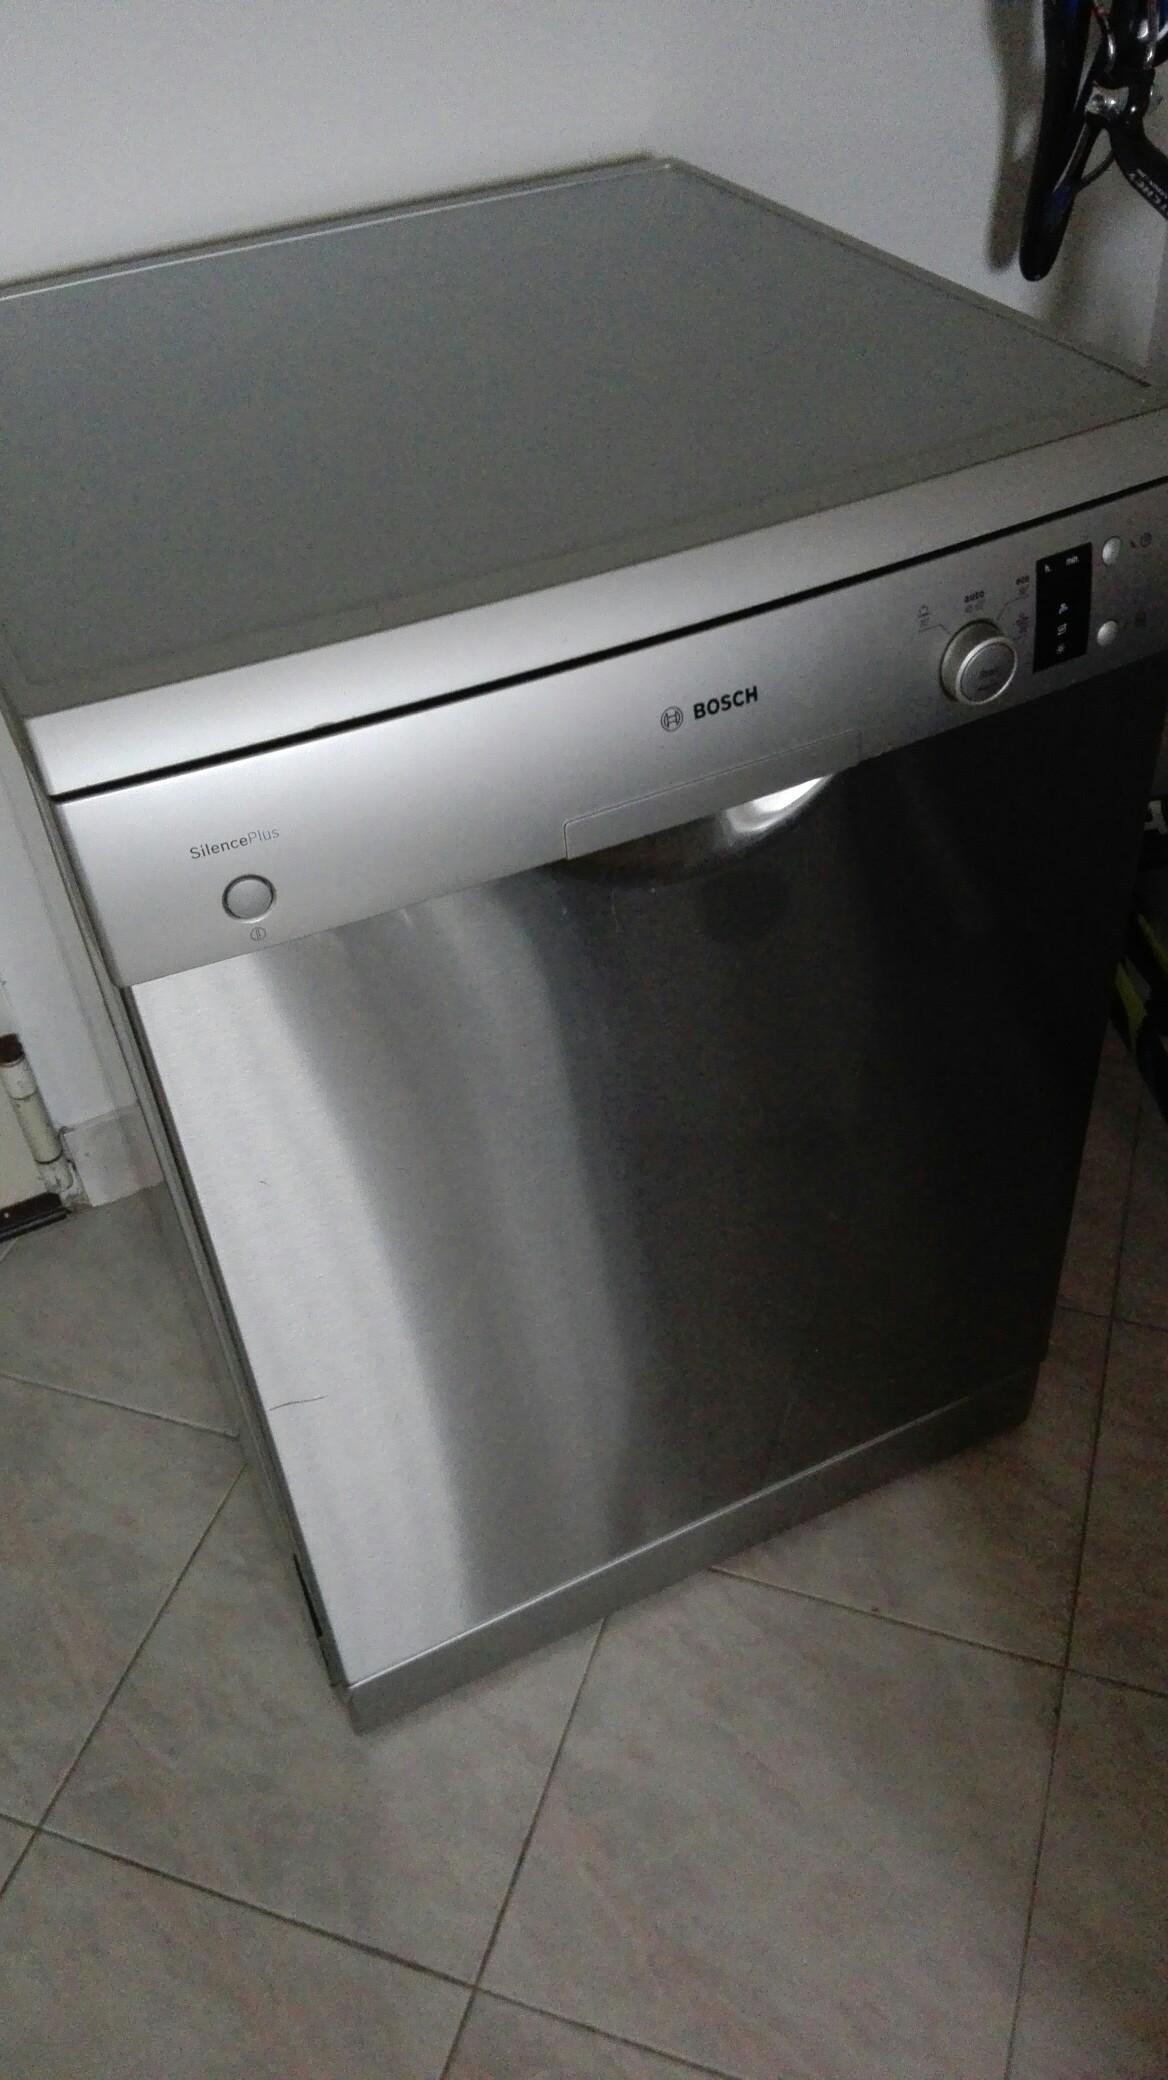 Usato lavastoviglie freestanding bosh in musile di piave su